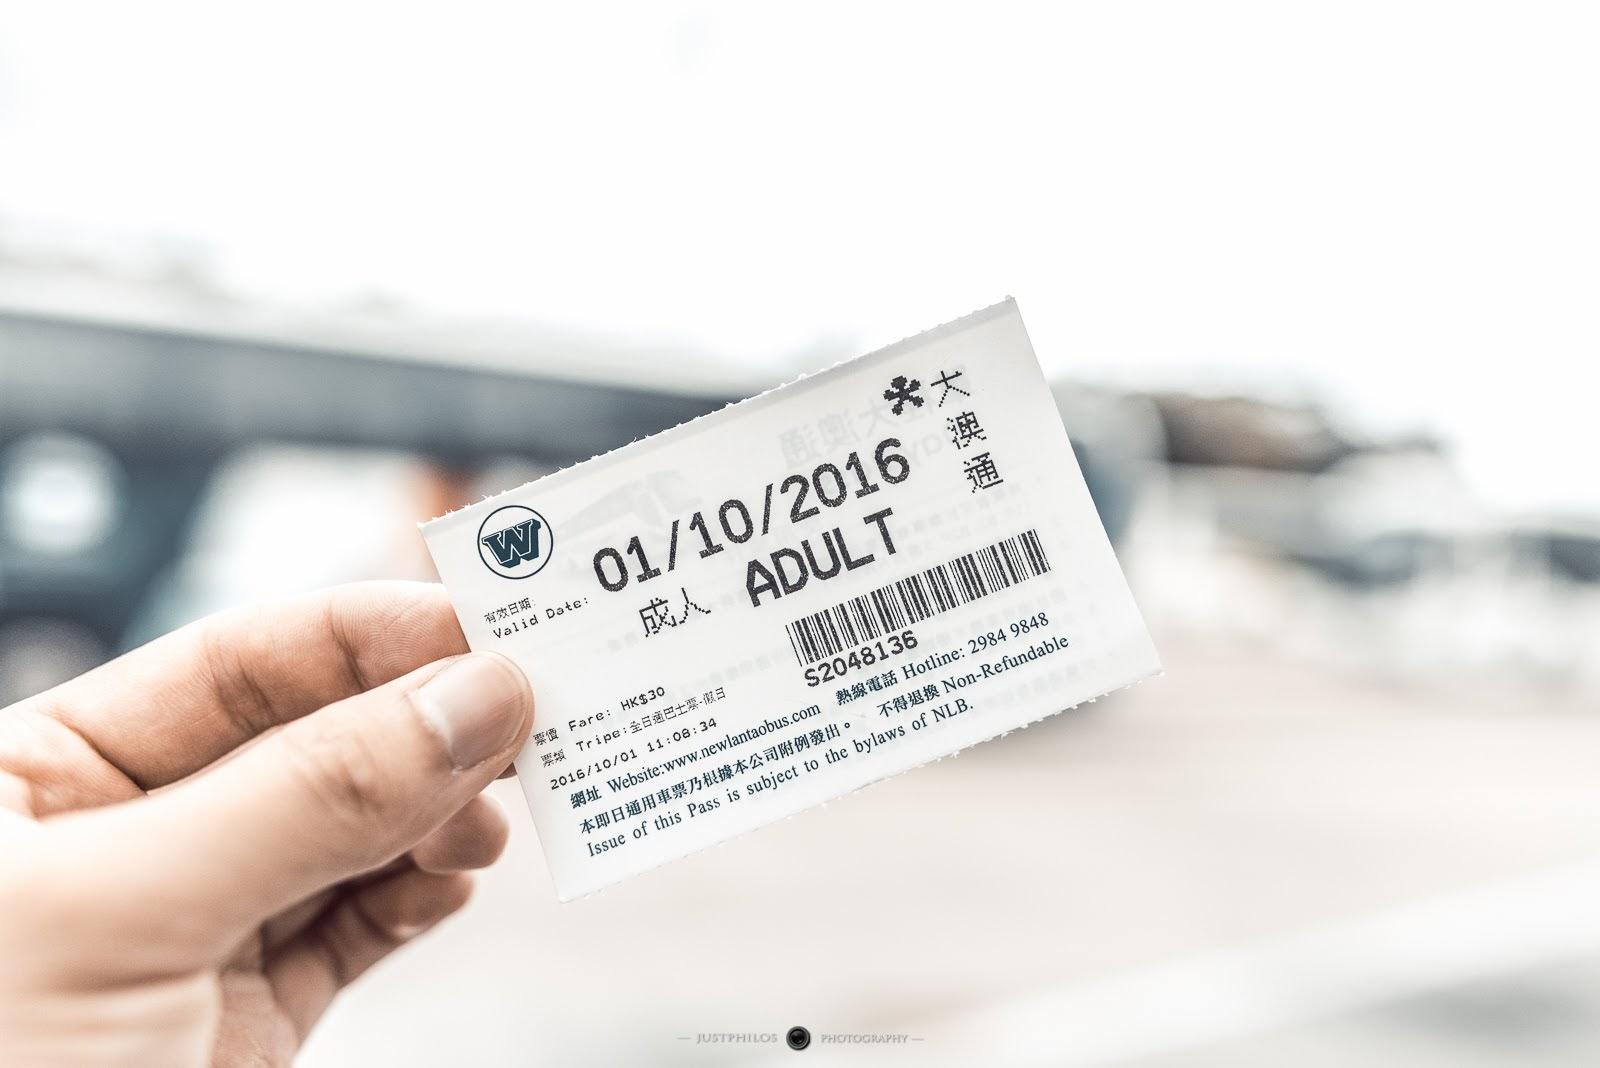 抵達昂坪後,記得要到巴士站兌換前往大澳巴士的票券(不能直接使用套票搭乘)。